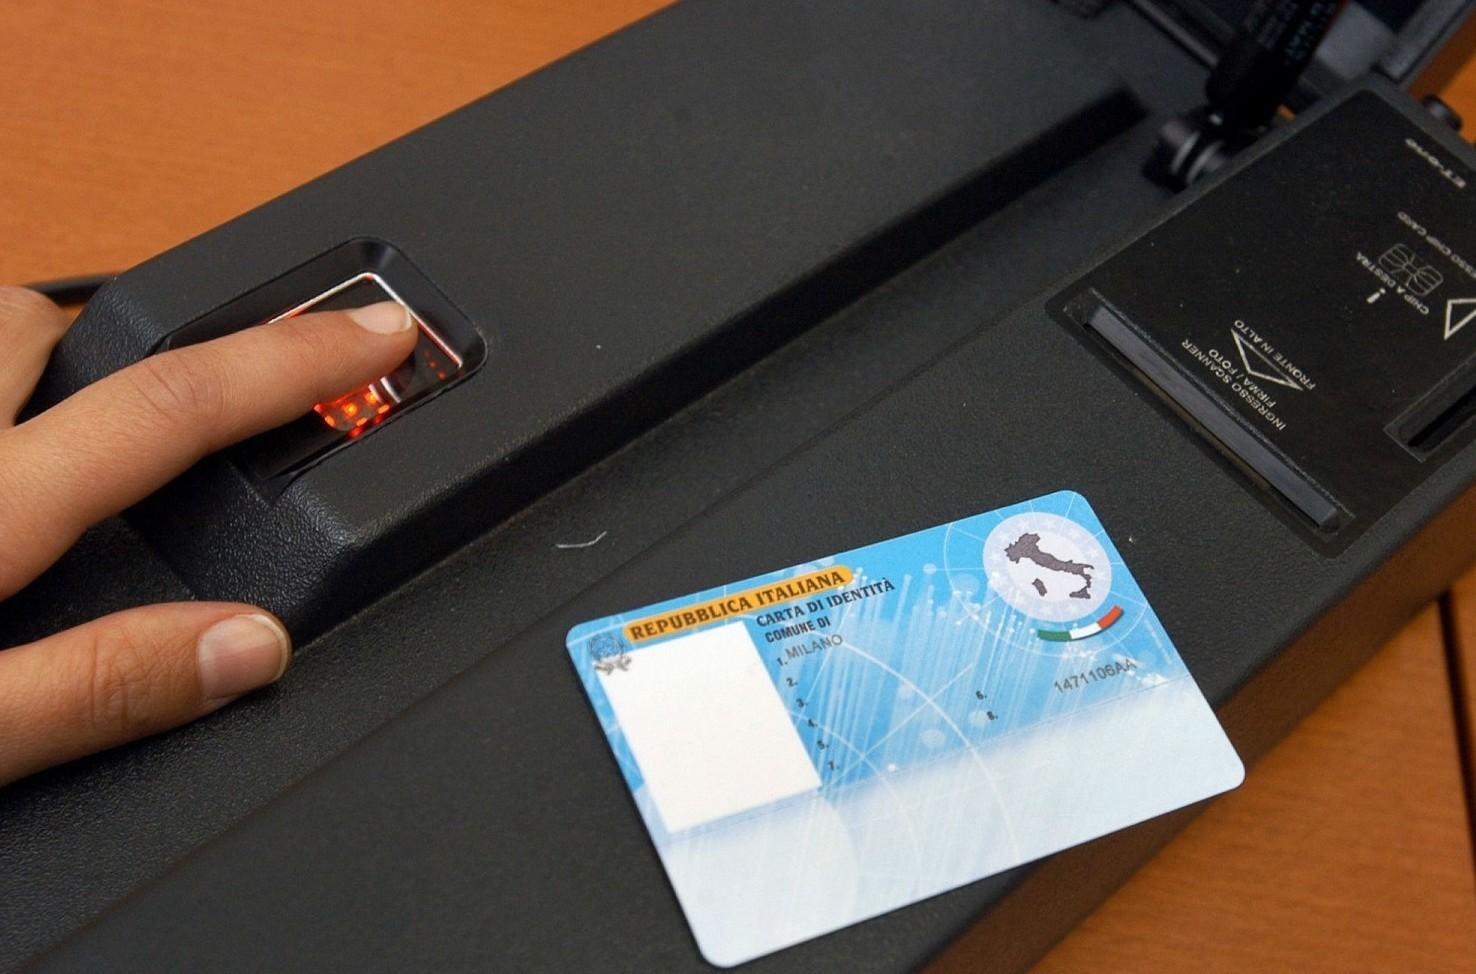 Ricevuta rilasciata in attesa di carta identità elettronica per cosa vale